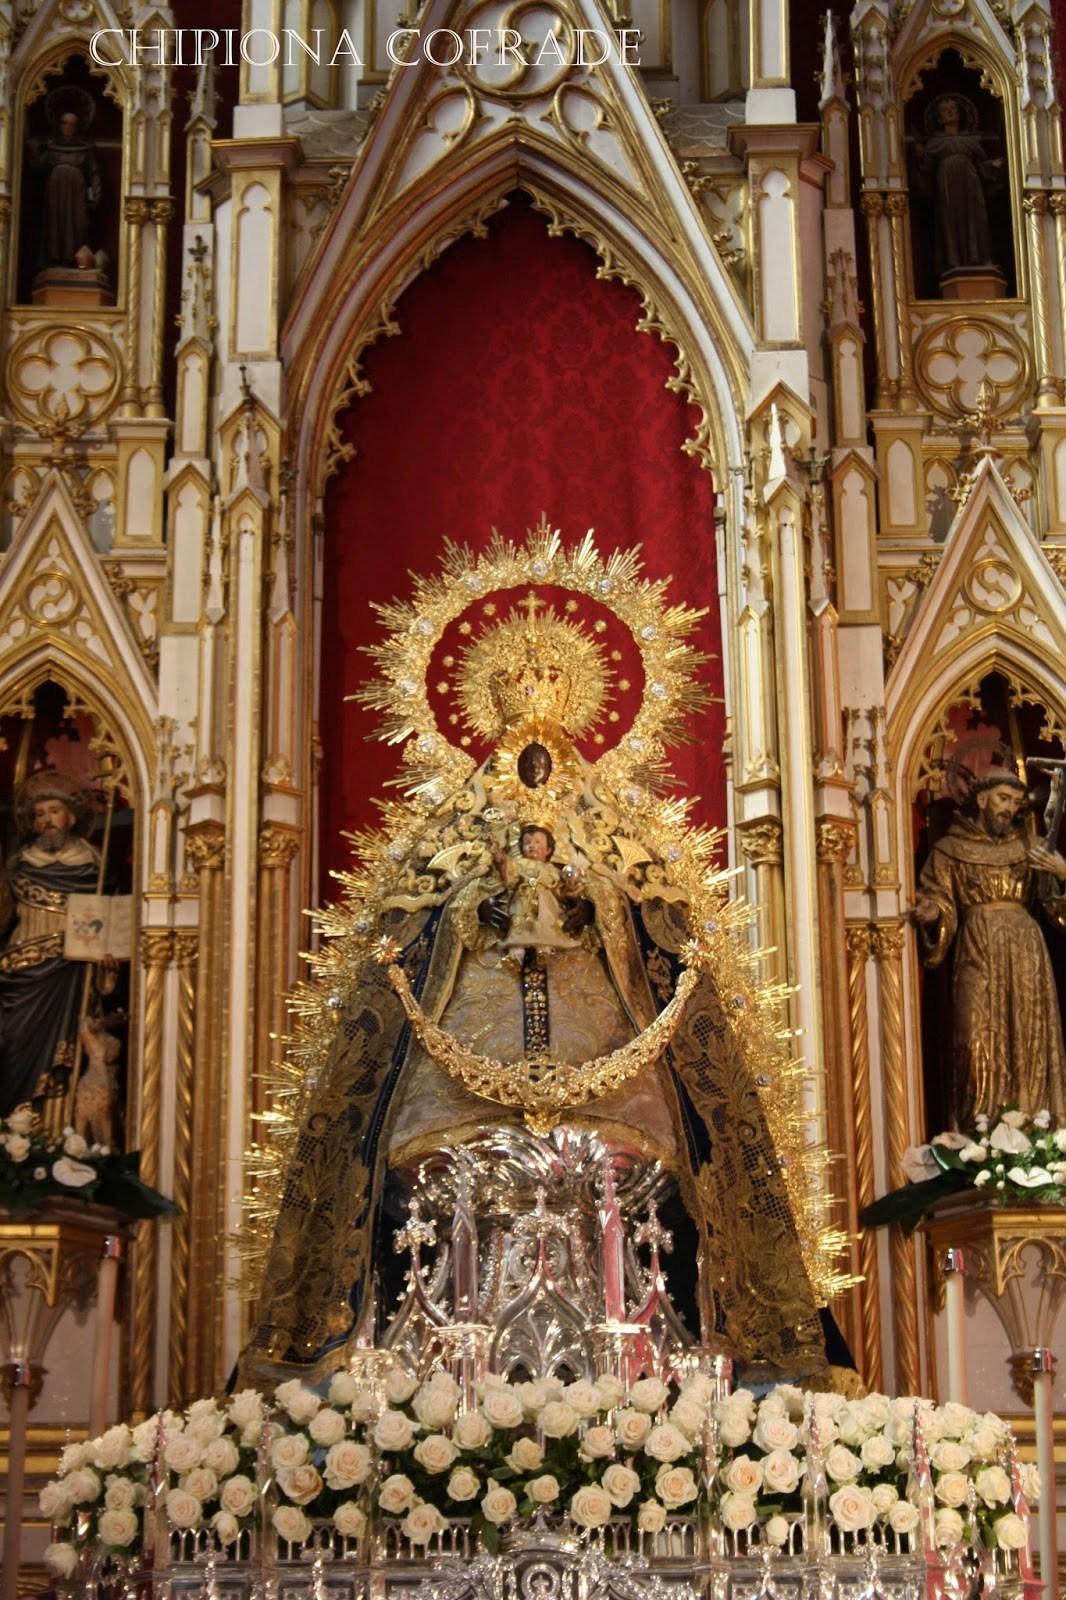 El santuario de Nuestra Señora de Regla es un monasterio y santuario localizado en Chipiona, España